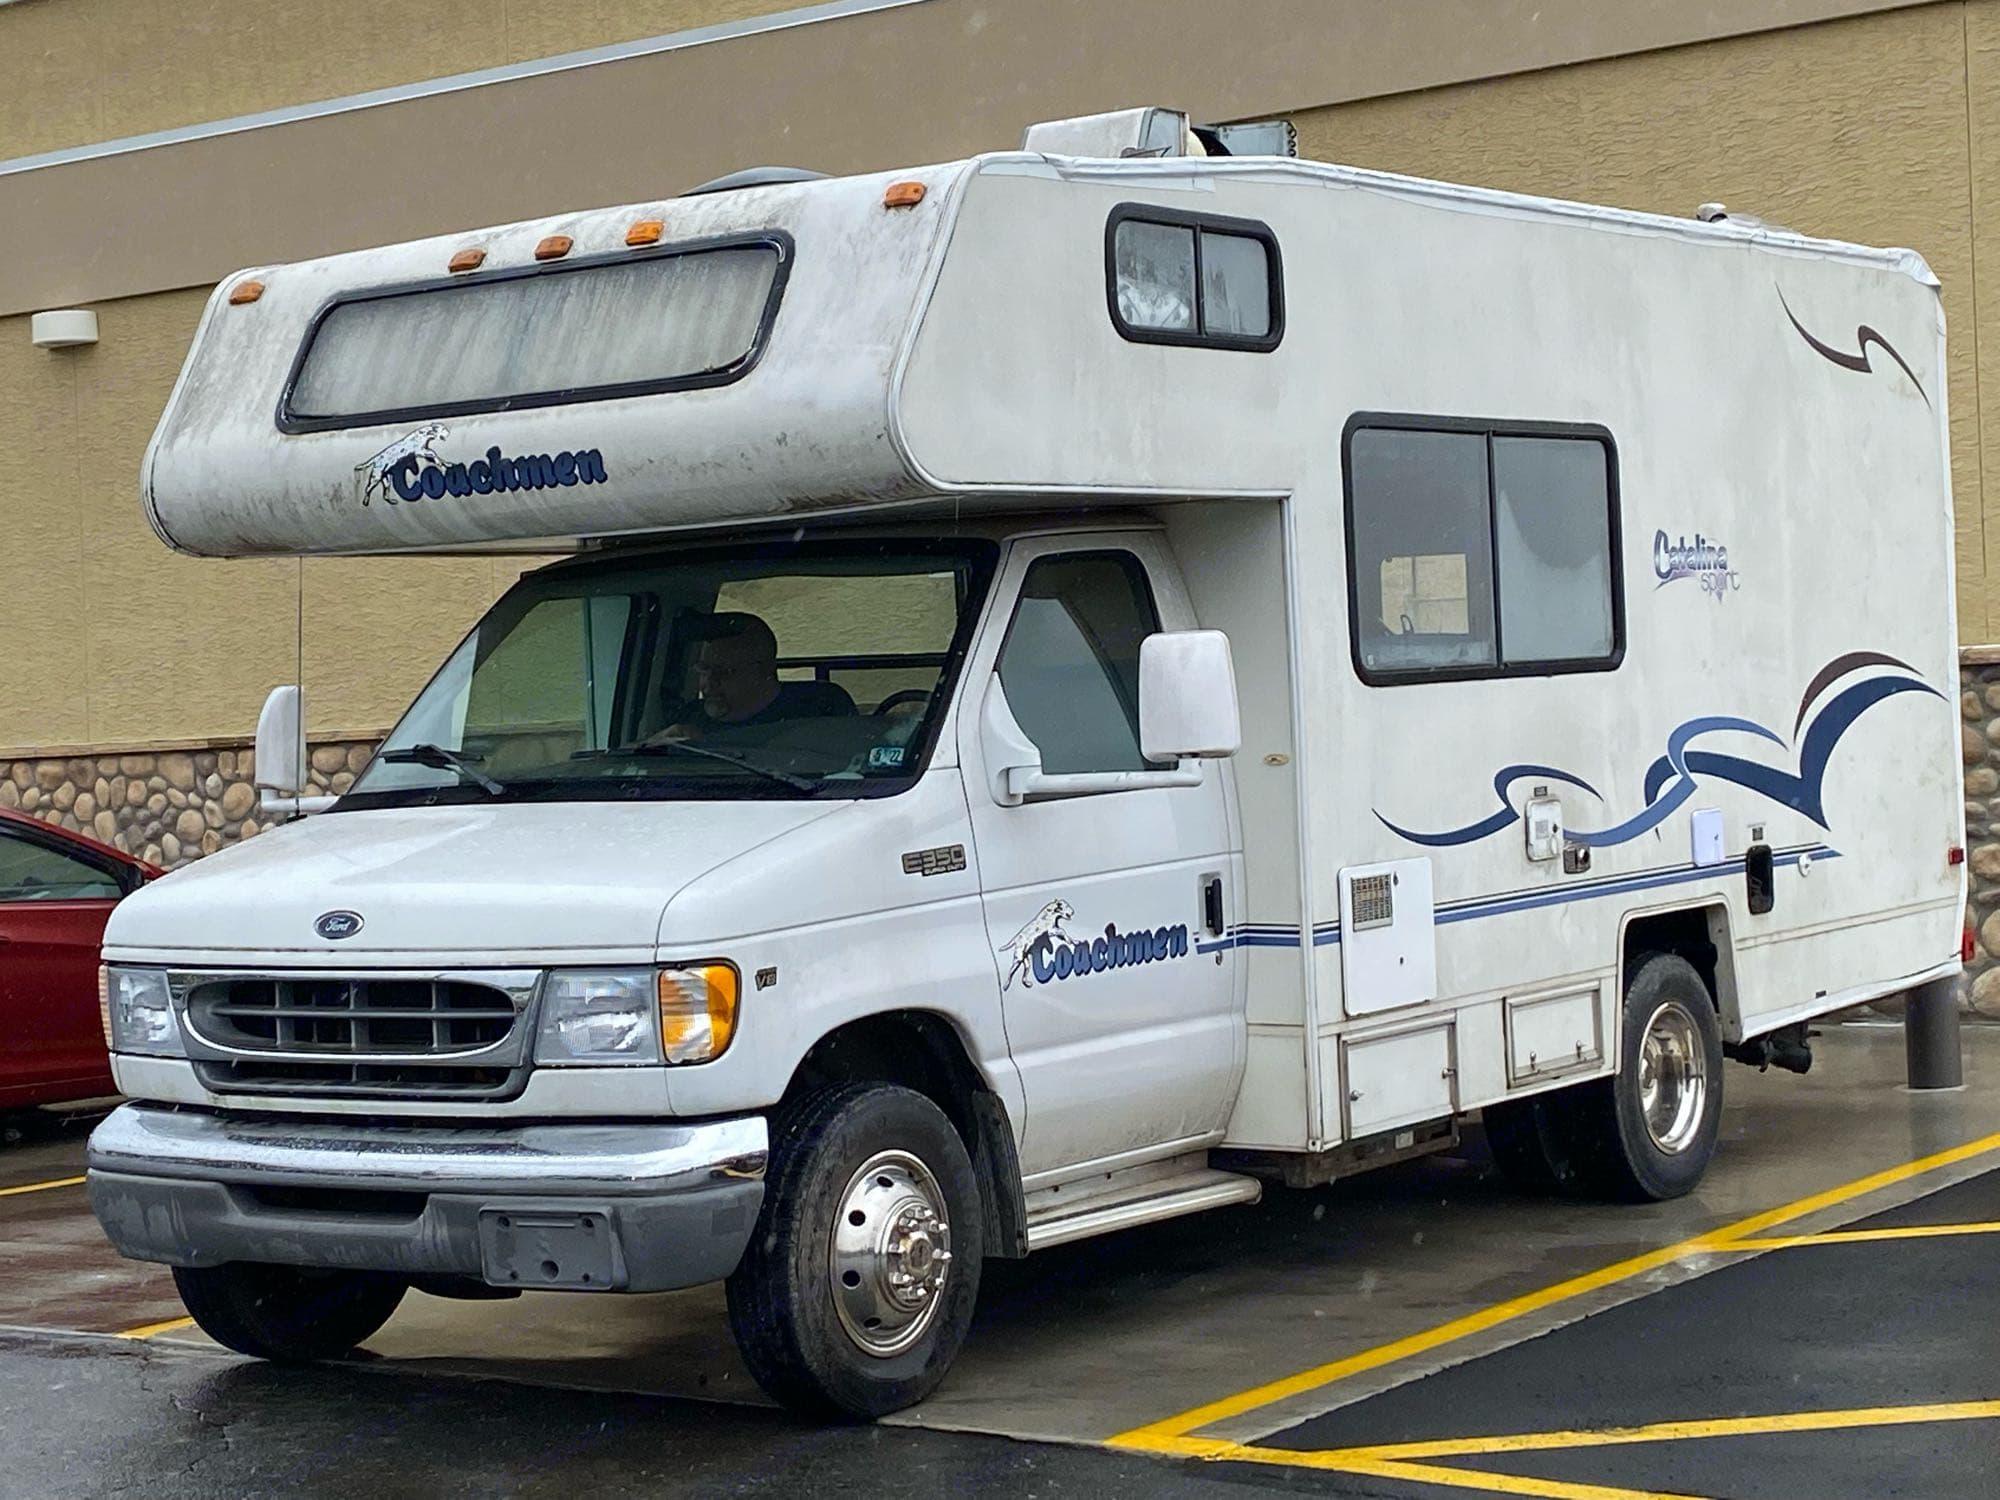 Coachmen Catalina 2001